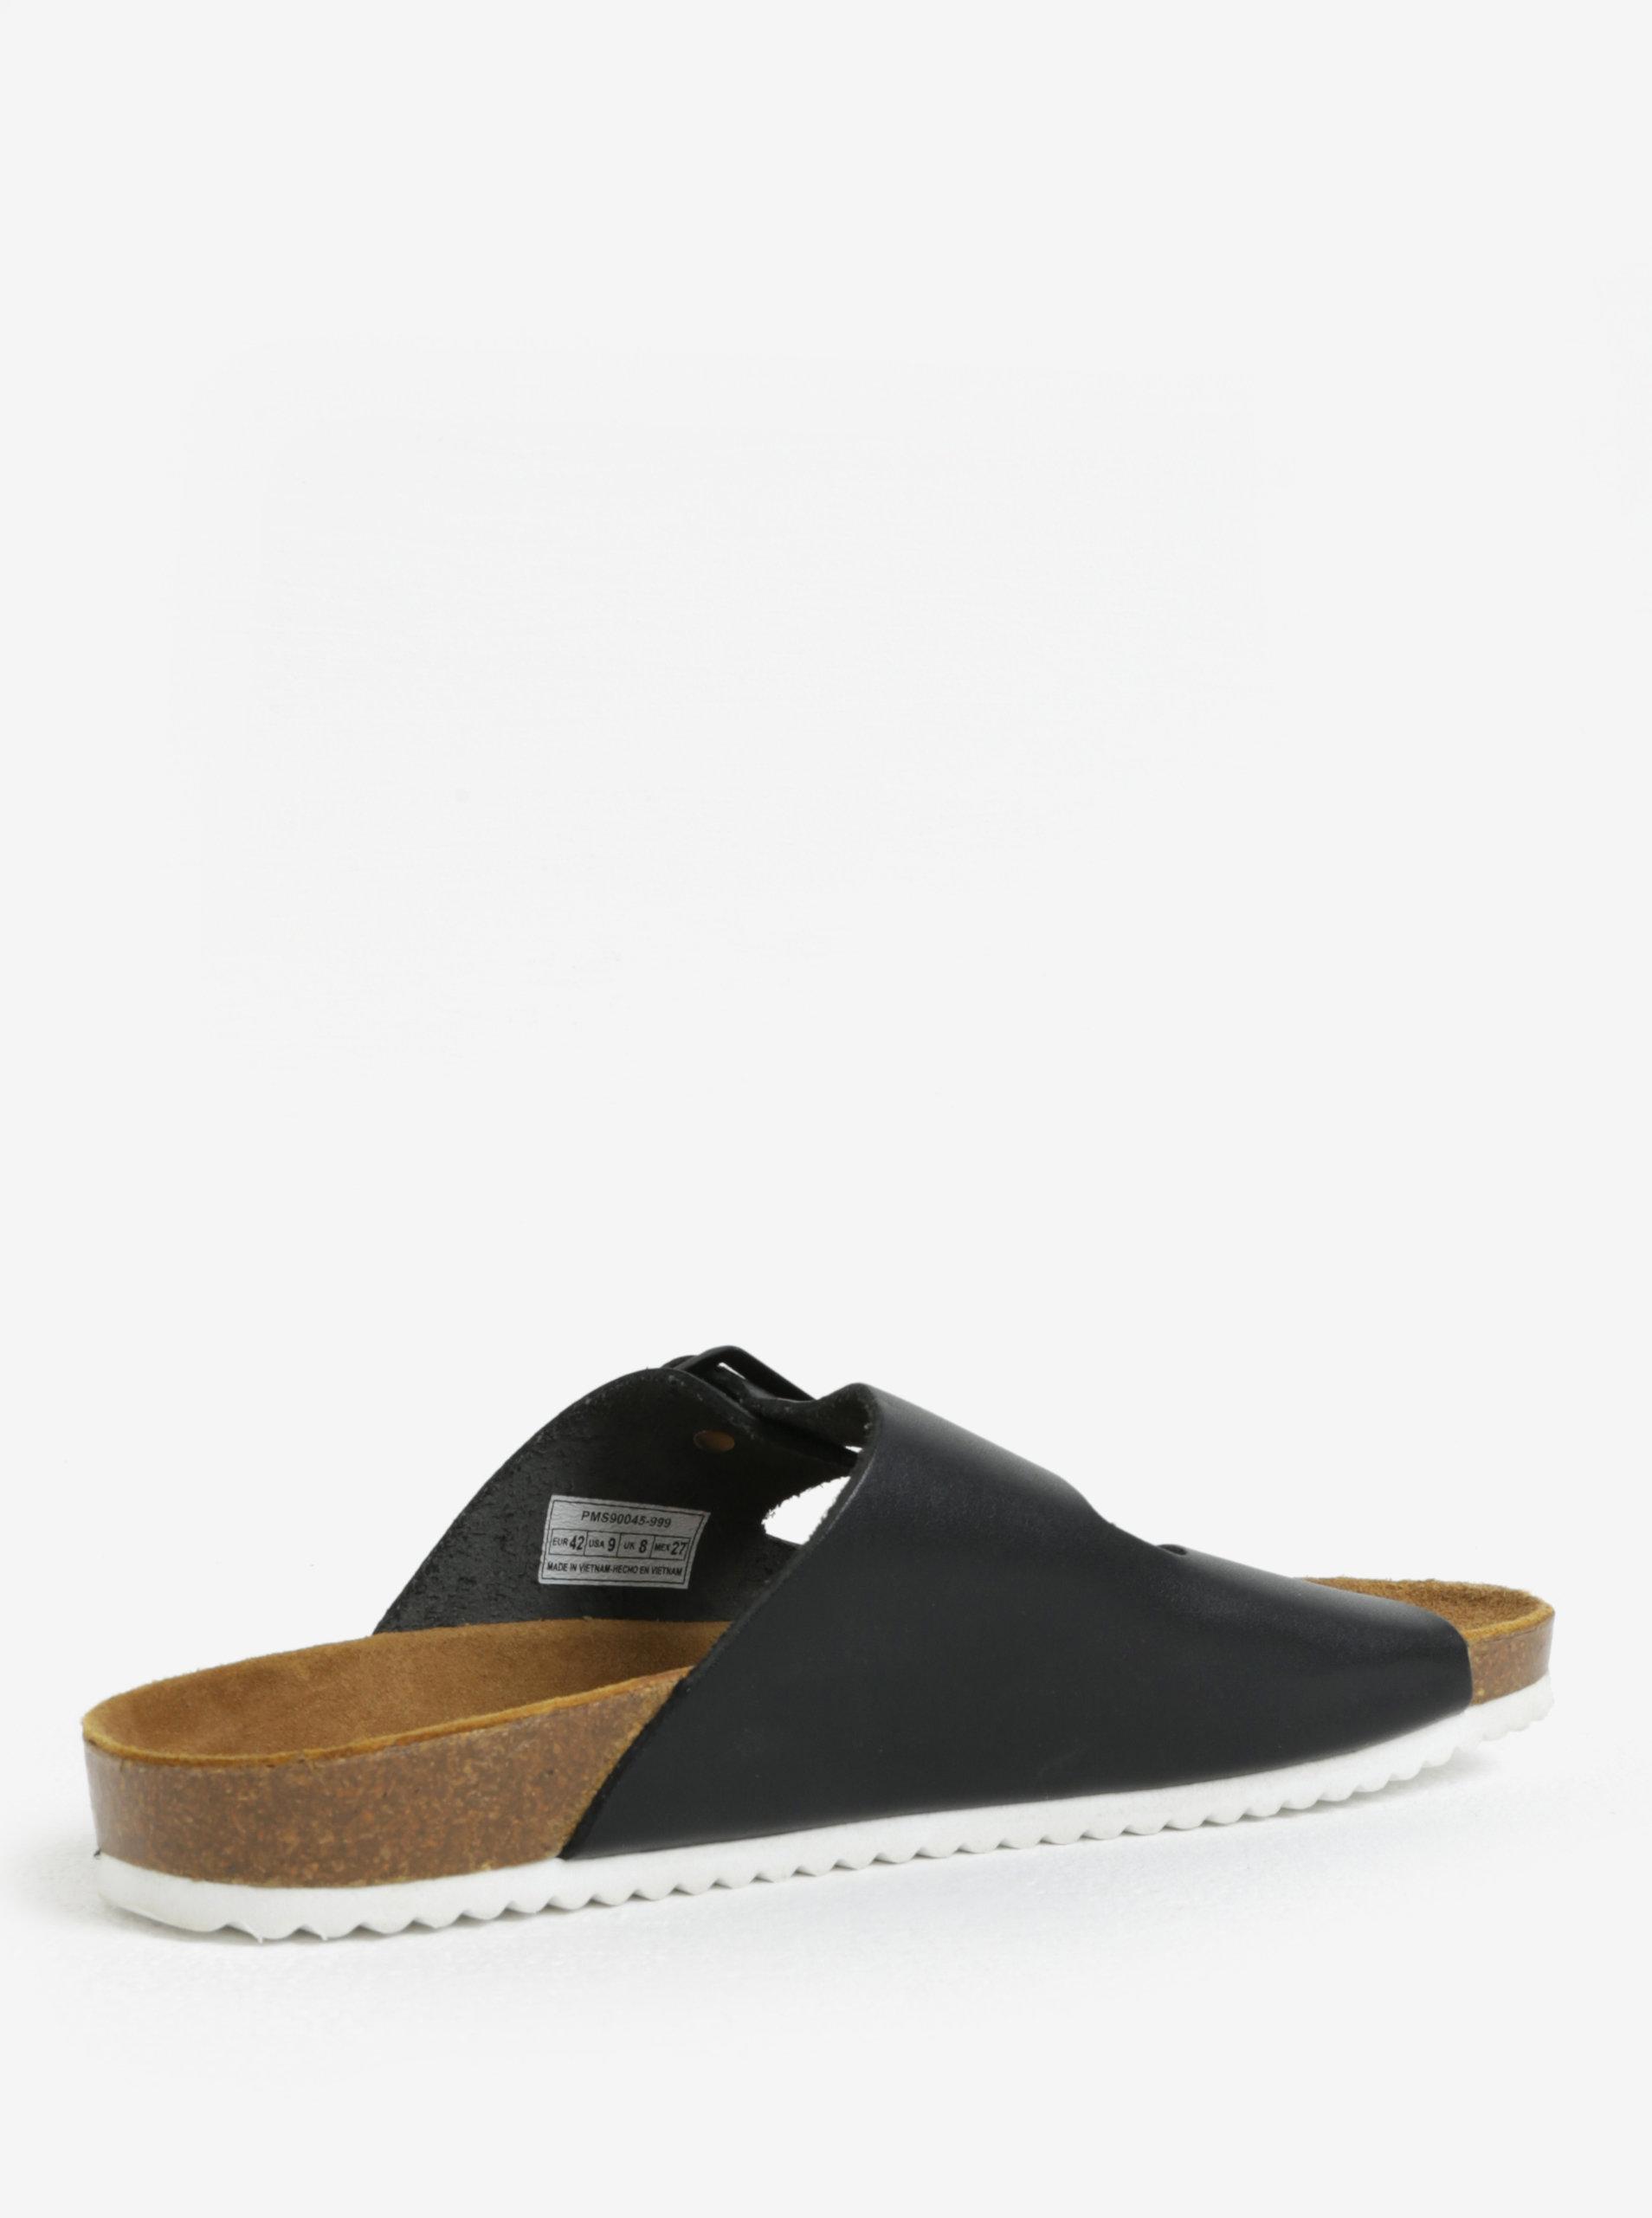 Černé pánské kožené pantofle Pepe Jeans Bio basic ... 19587d5b8a